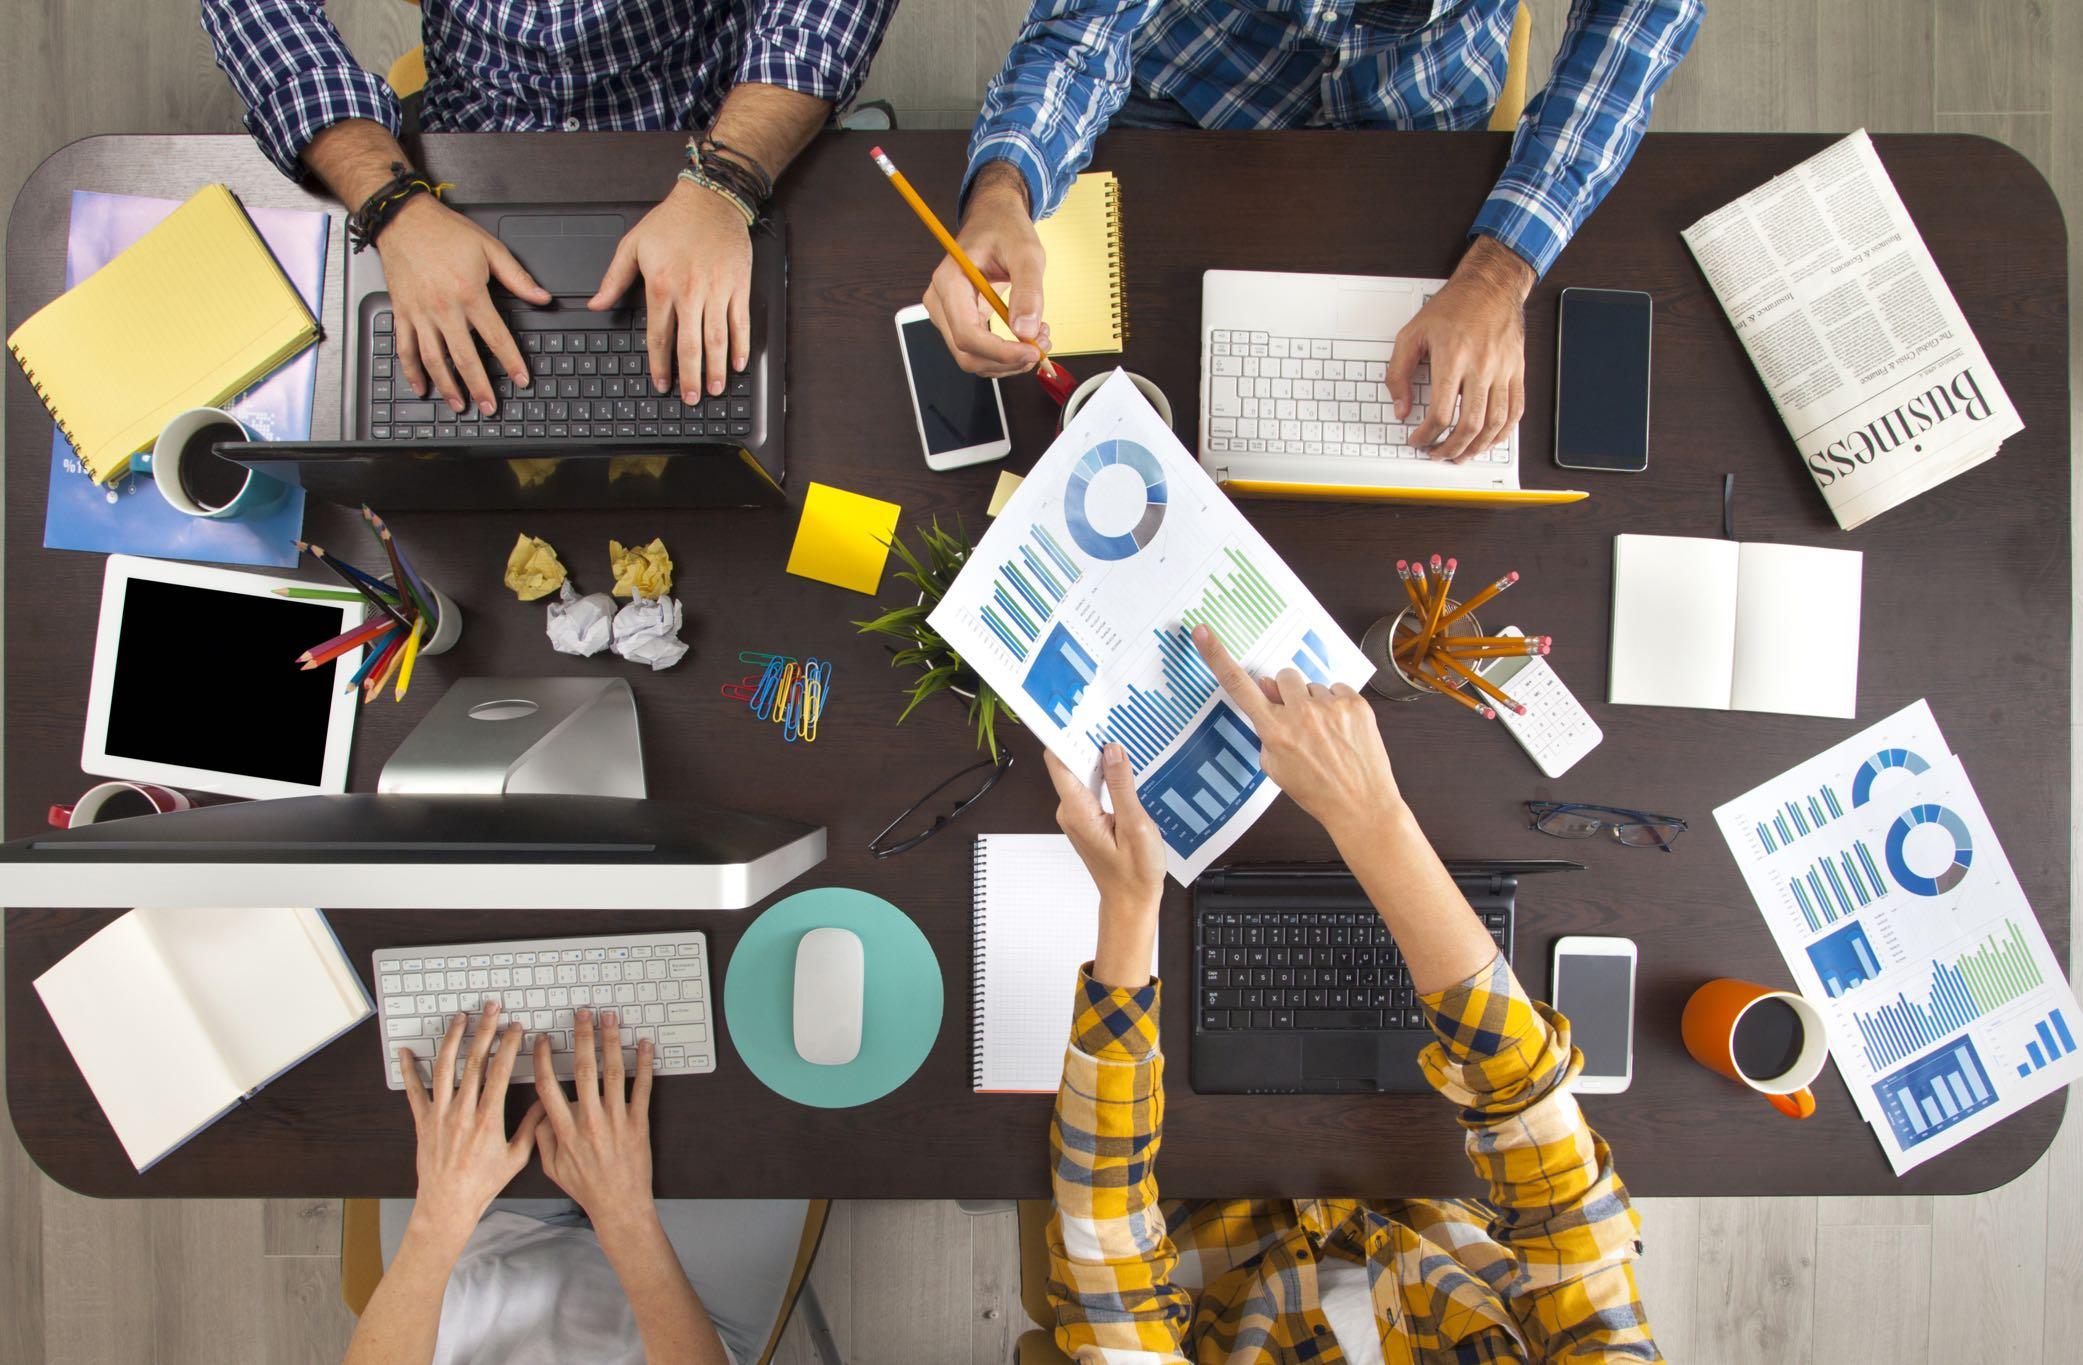 Tendances marketing numérique